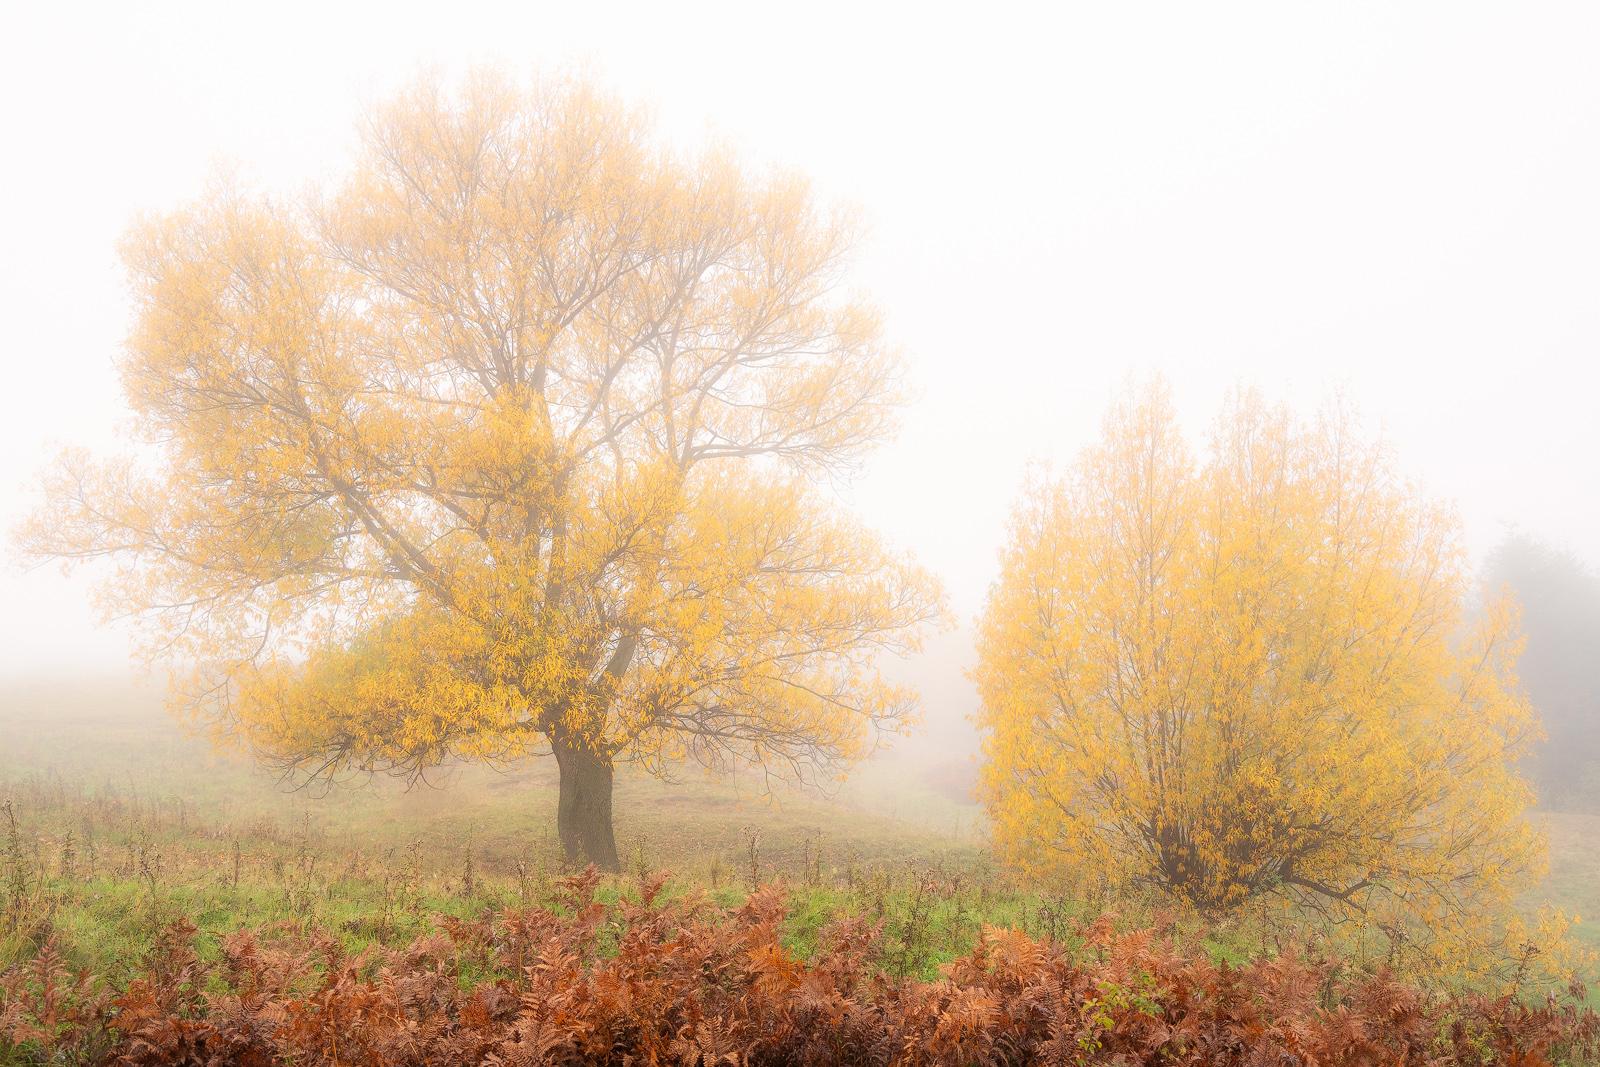 Nature - Photo 12